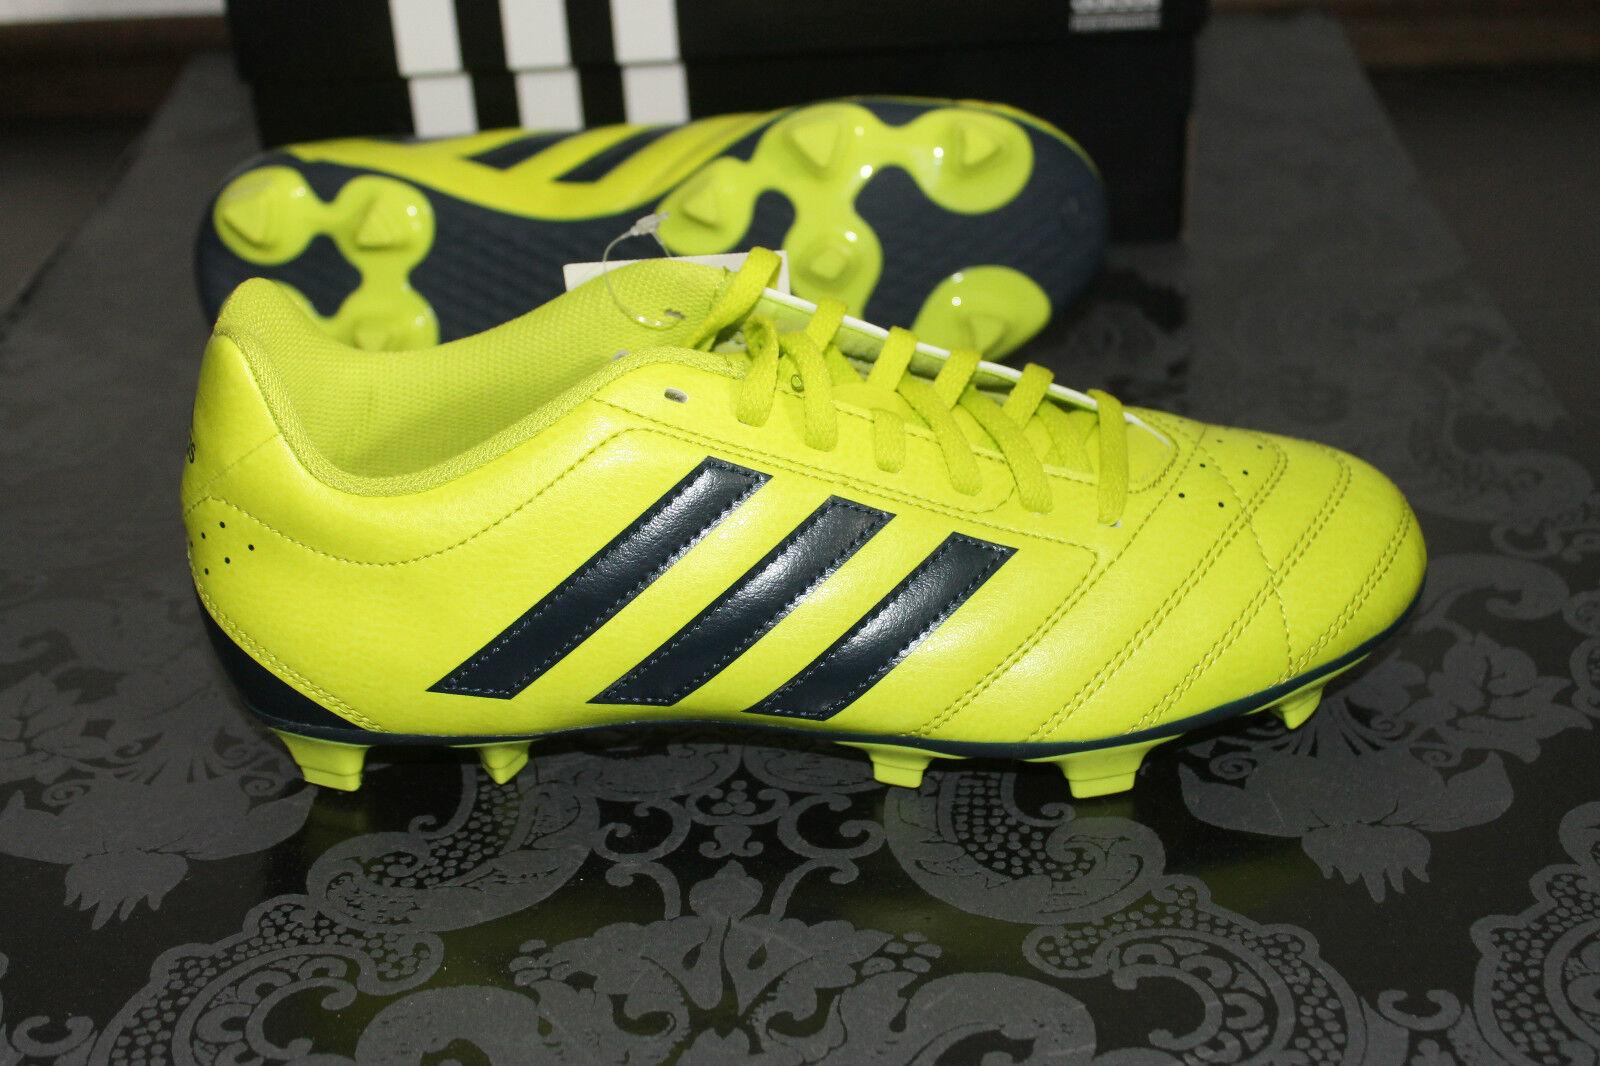 Adidas Goletto V FG Fútbol Zapatillas con tacos black yellow Tamaño 44,7 caja